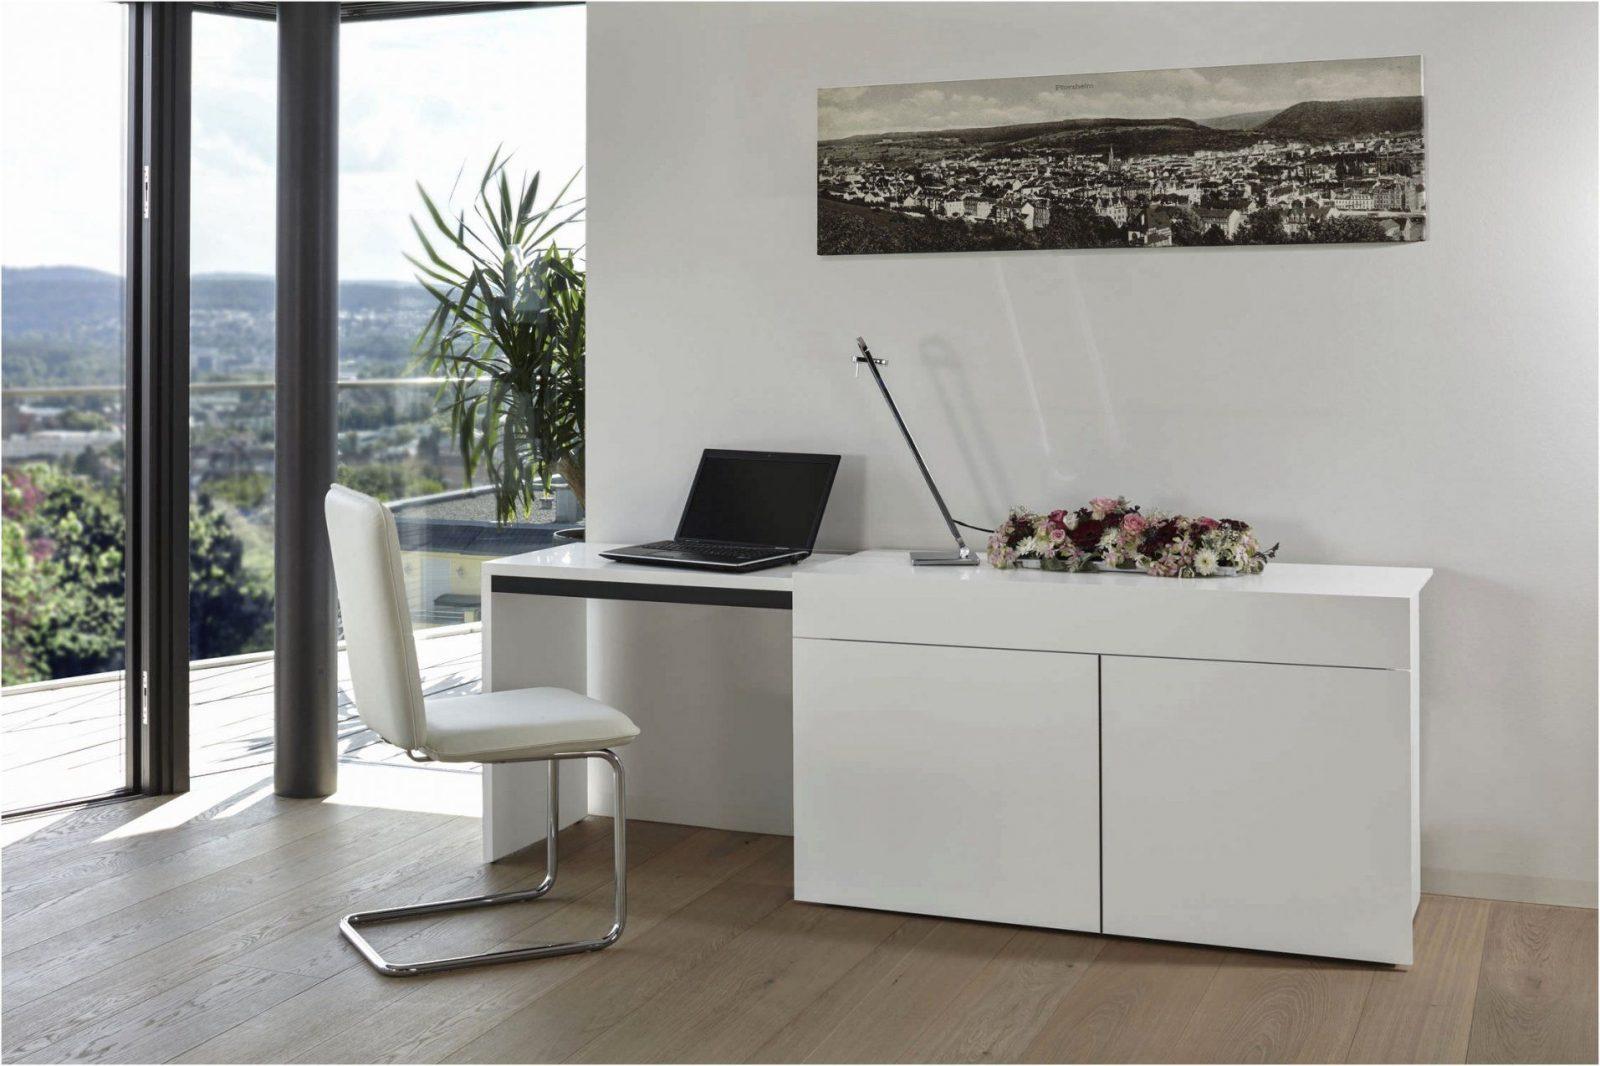 Marvelous Design Ideas Schrankwand Mit Integriertem Schreibtisch von Schrankwand Mit Integriertem Schreibtisch Photo